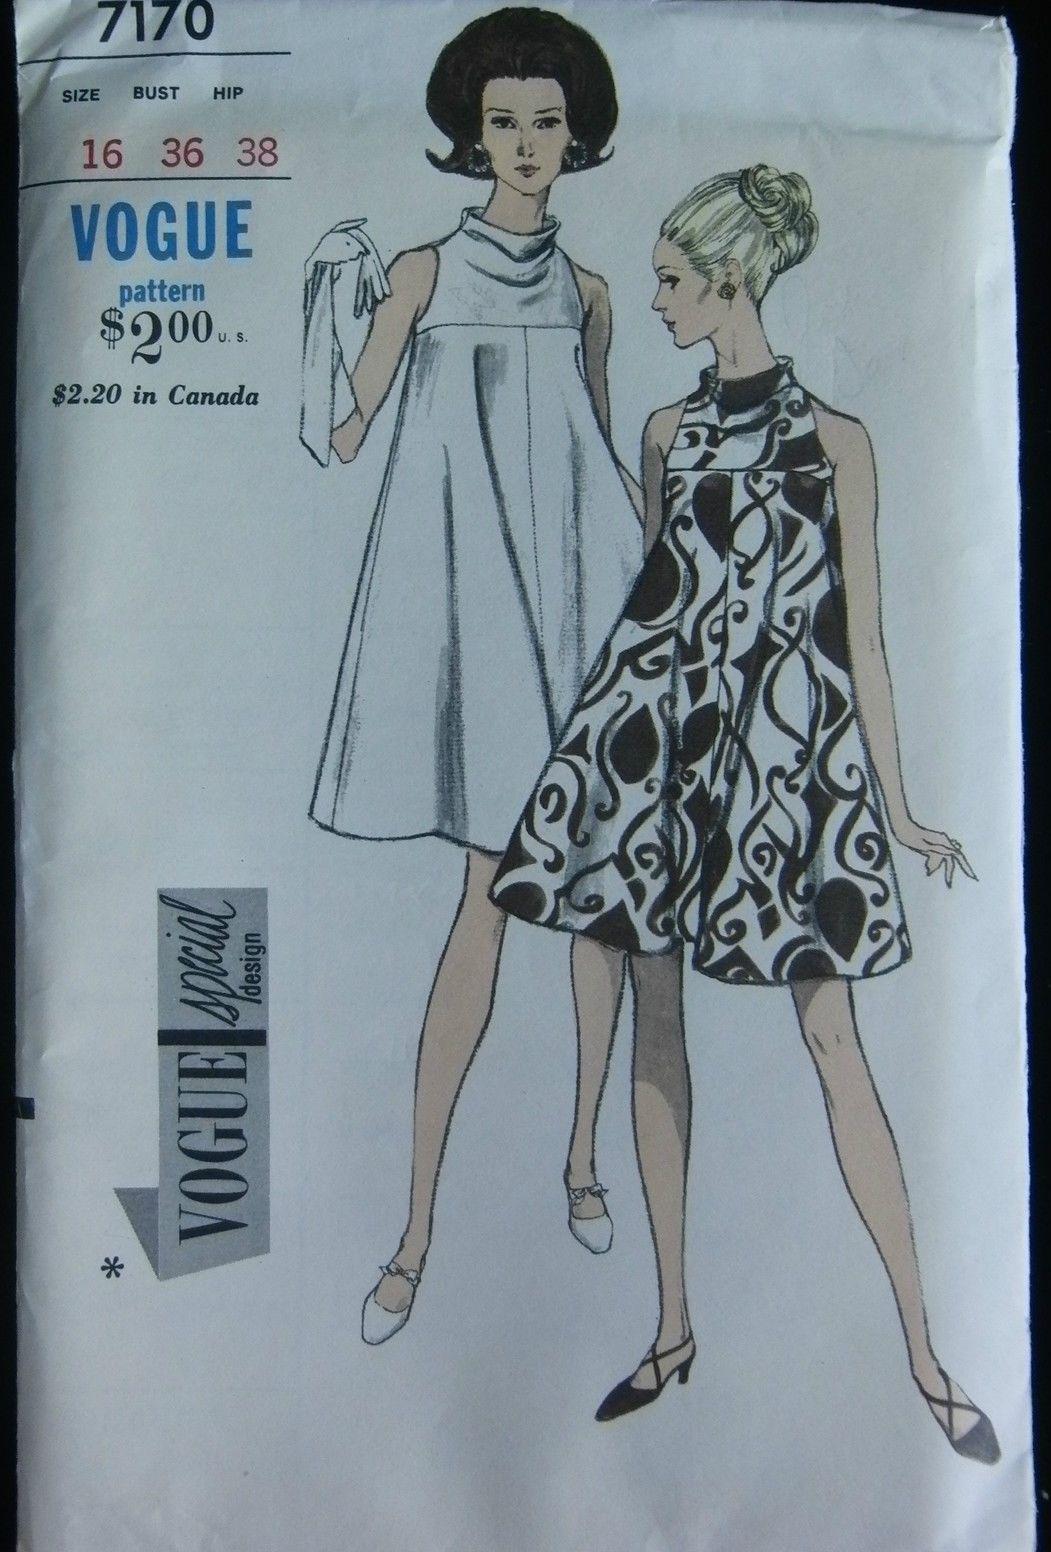 1960s Vogue Evening A-LINE TENT DRESS #7170 Pattern, Size 16, Bust ...